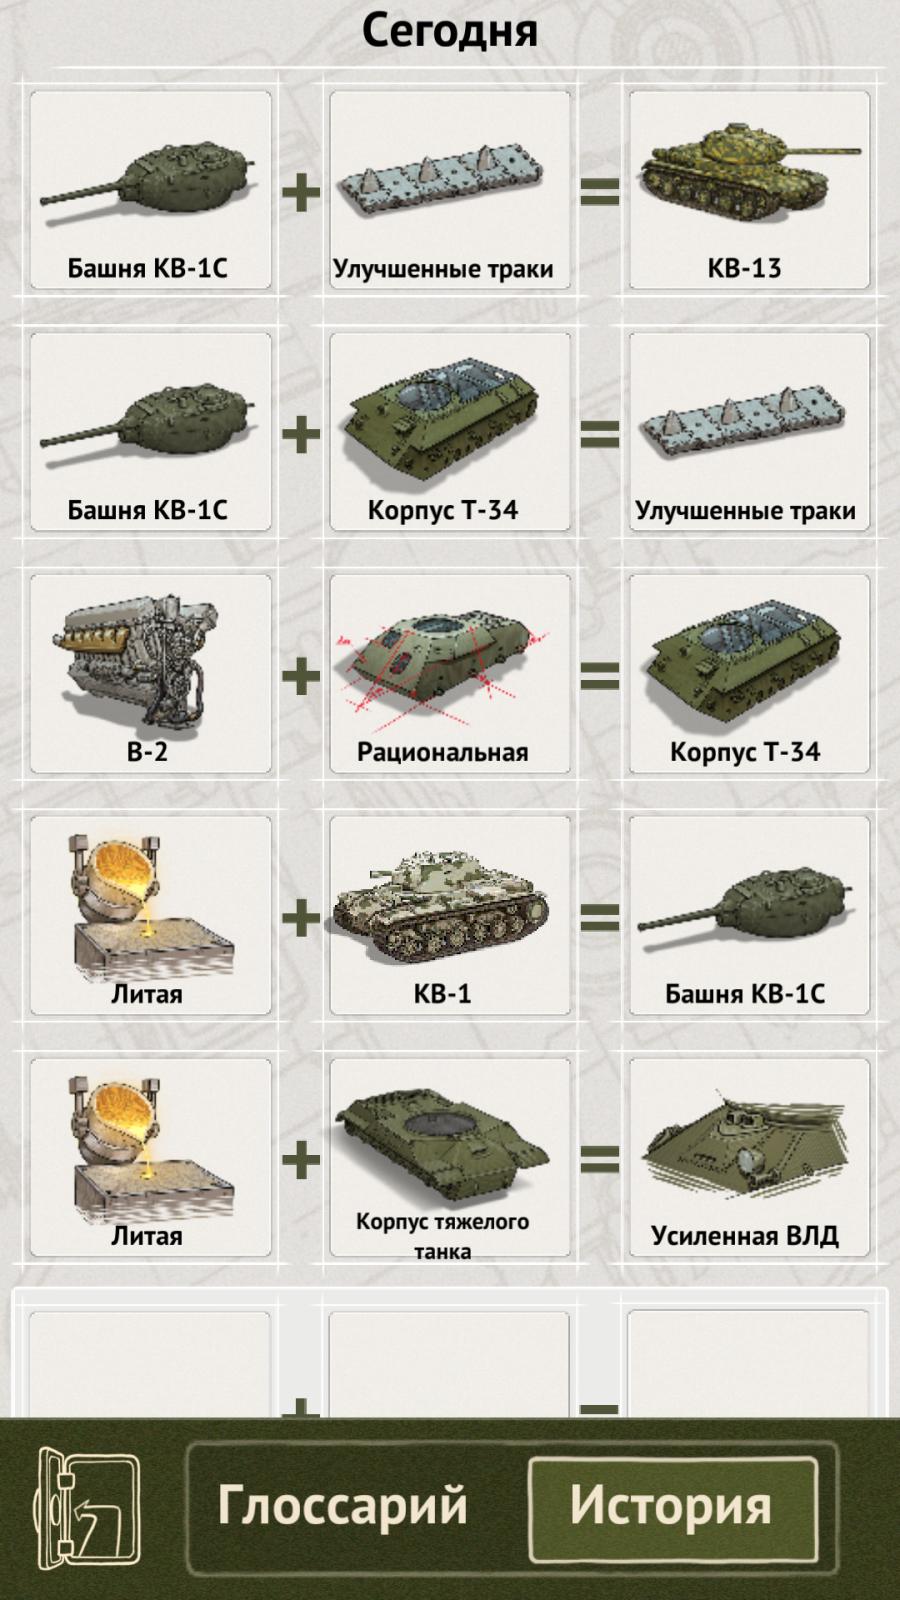 Tank masters рецепты германия картинка